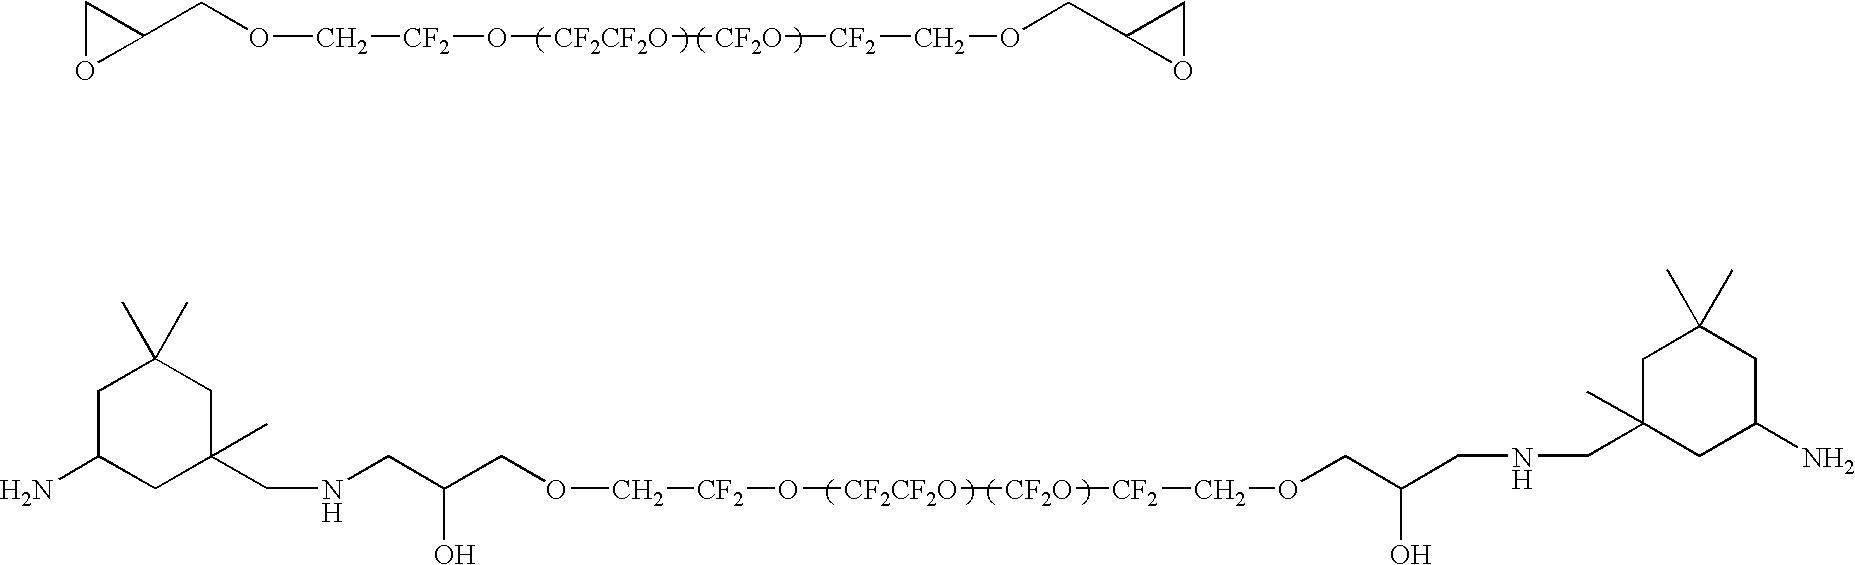 Figure US08944804-20150203-C00034